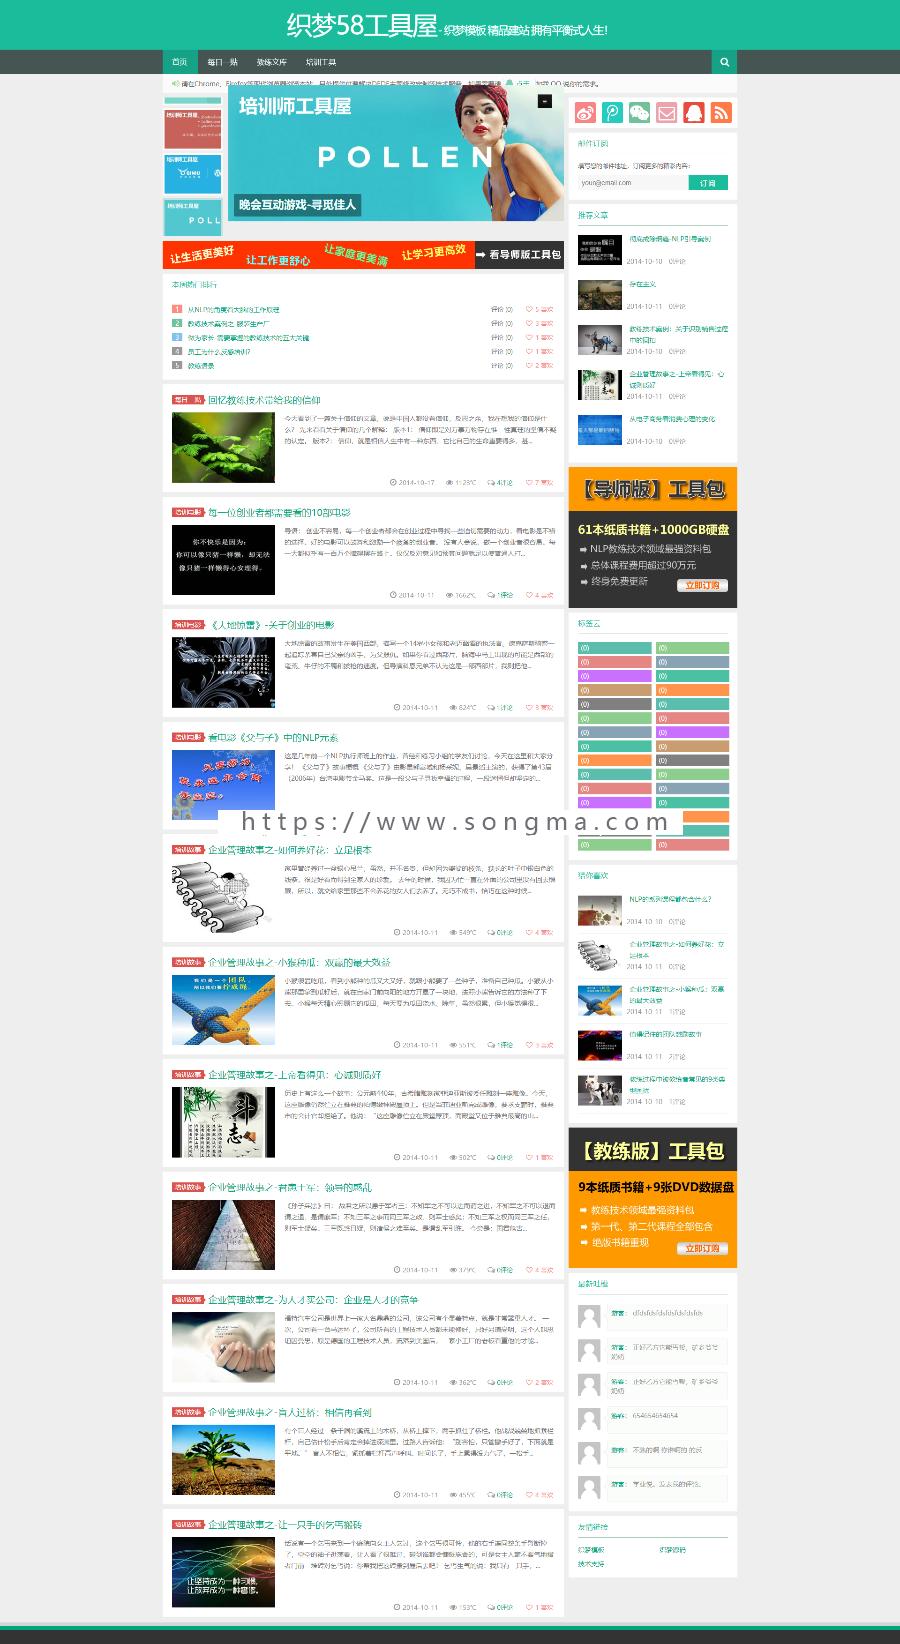 最新运营版绿色响应式文章资讯网站行业博客网站模板响应式手机版本织梦php后台带数据